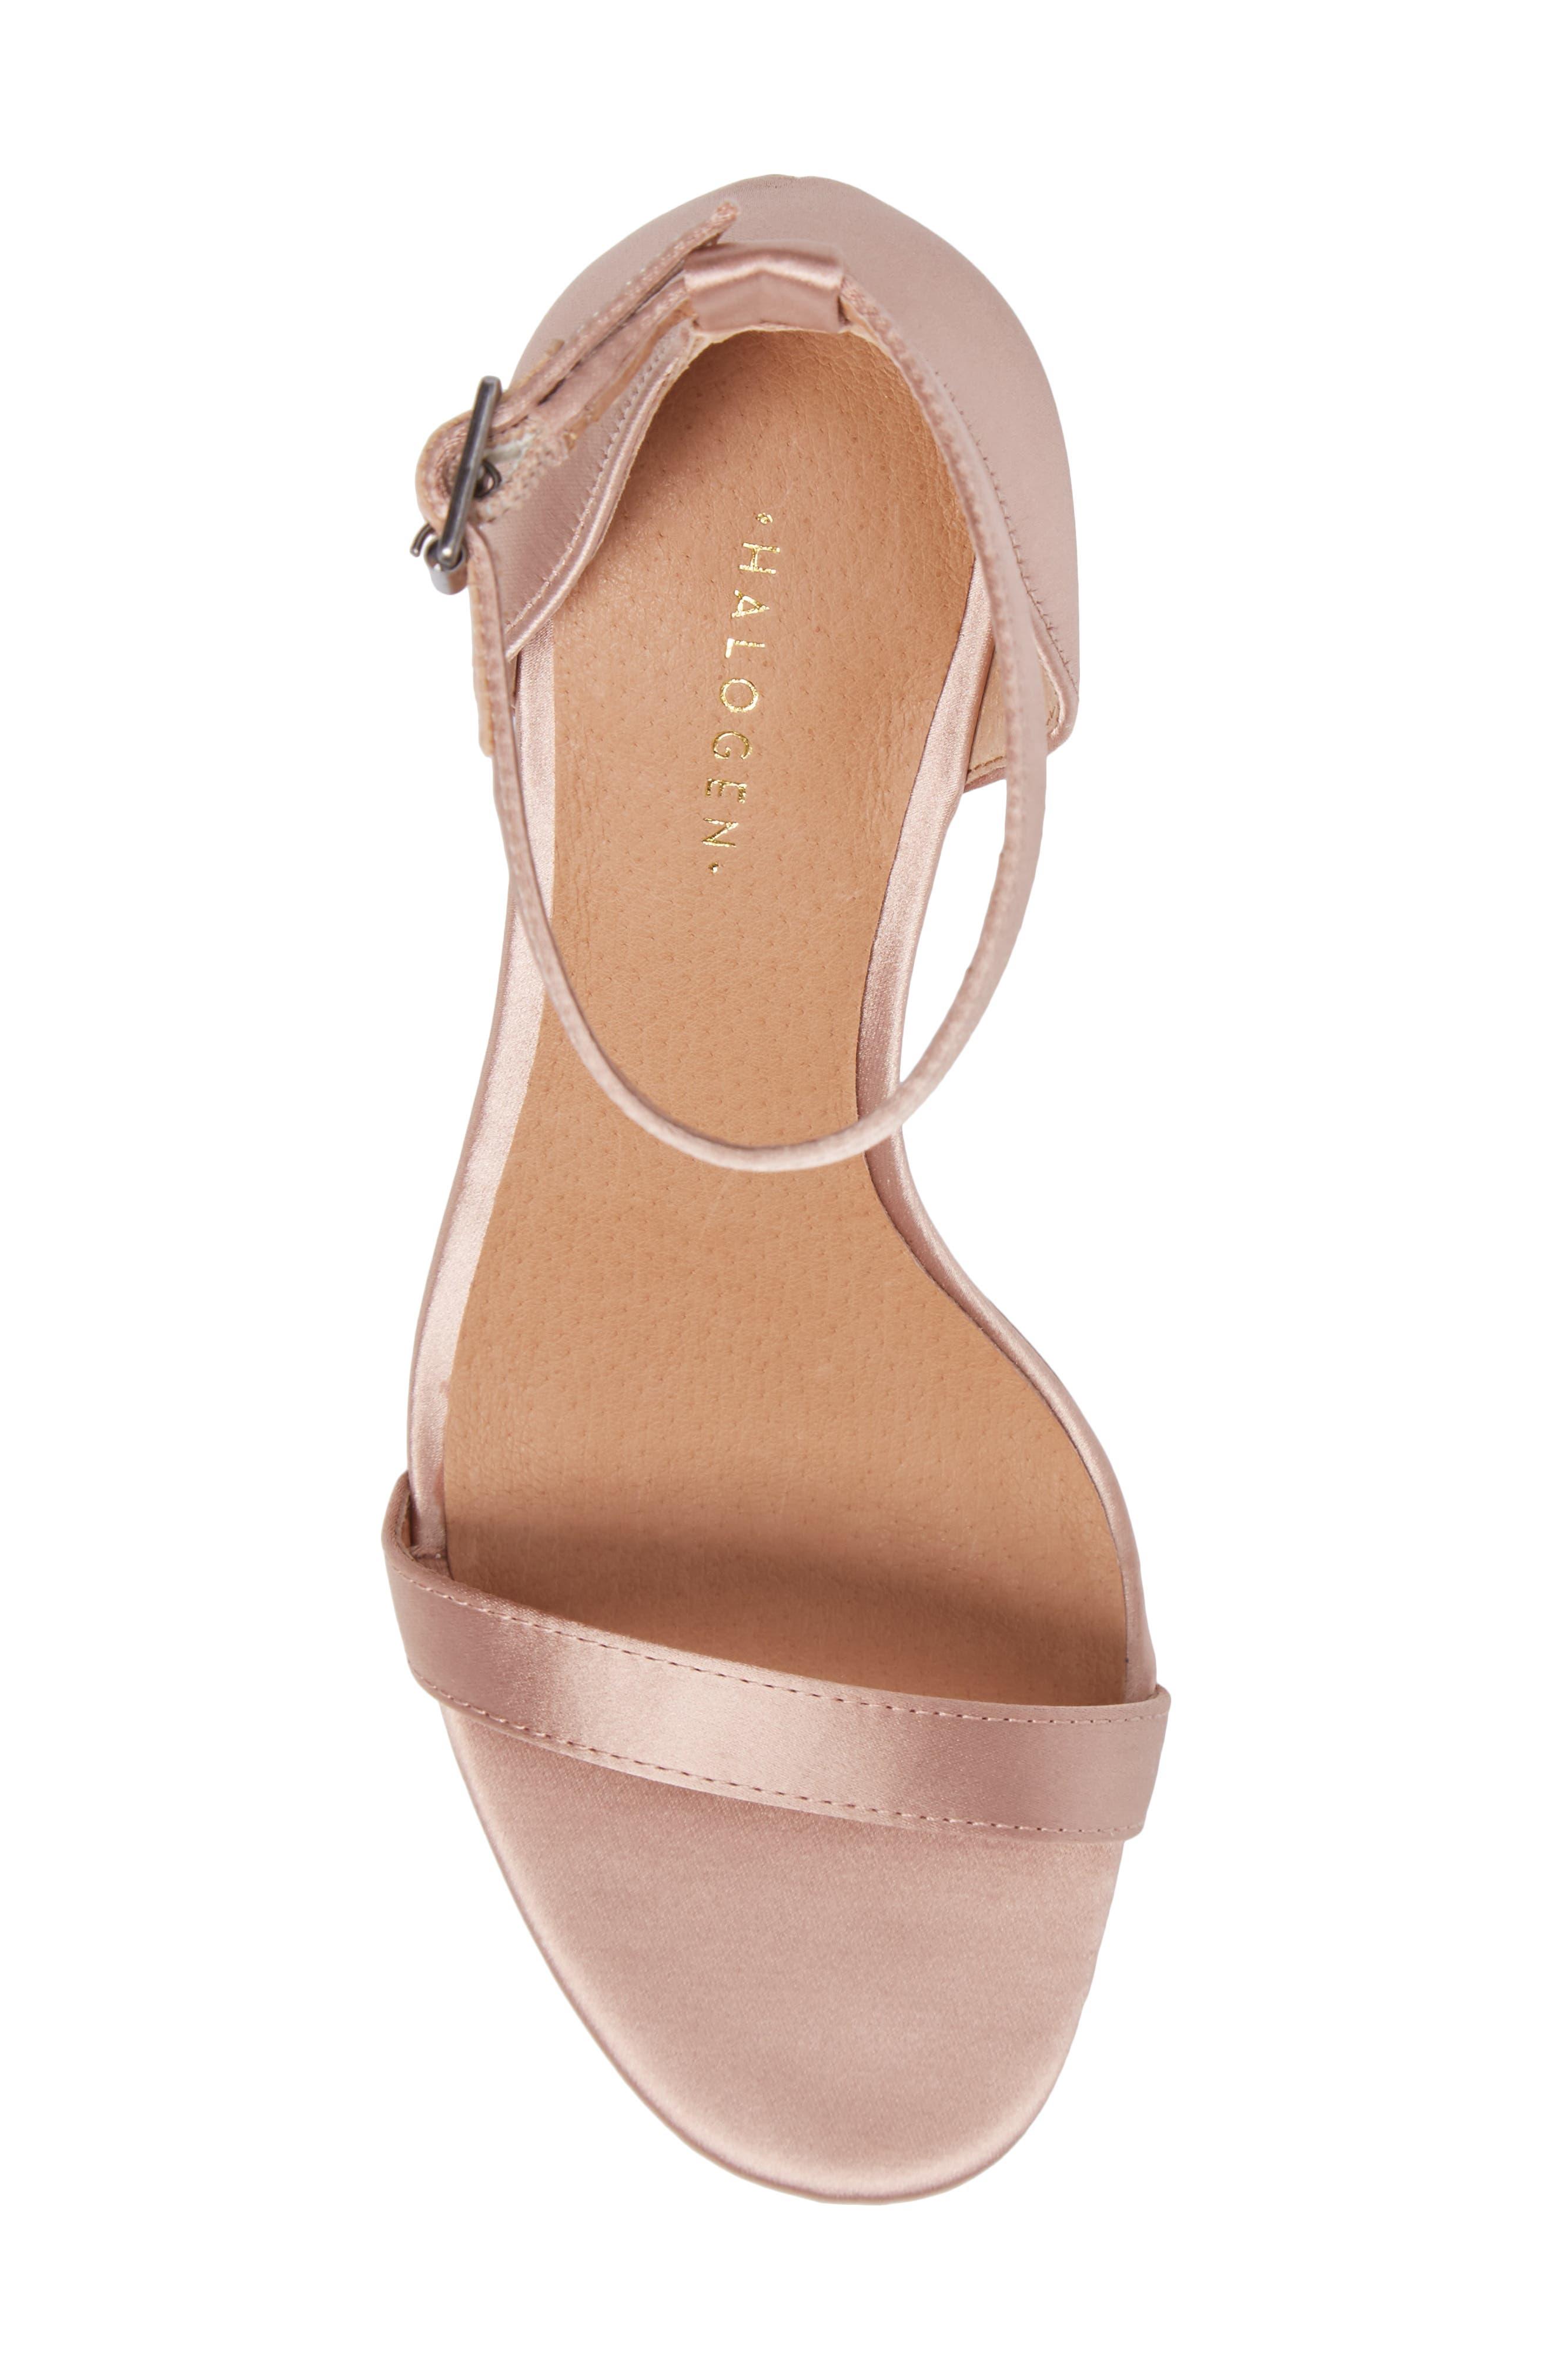 Audrey Ankle Strap Sandal,                             Alternate thumbnail 100, color,